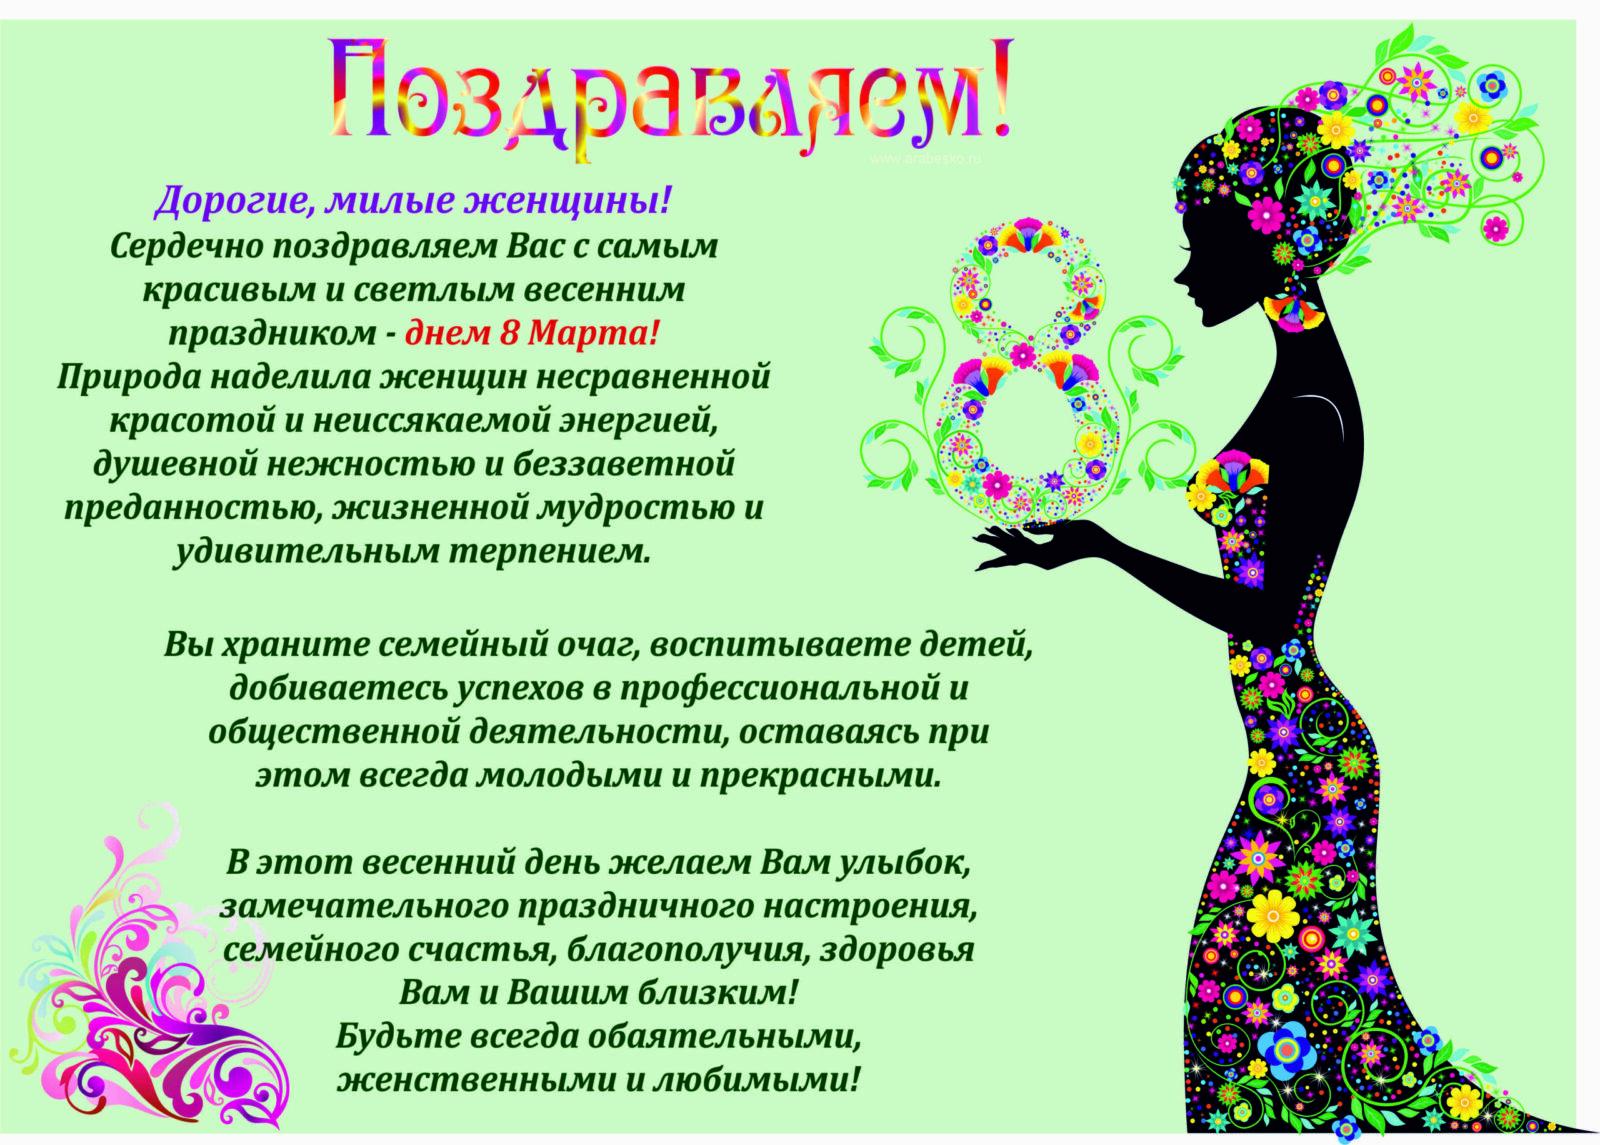 8 марта scaled - С Международным женским днем!